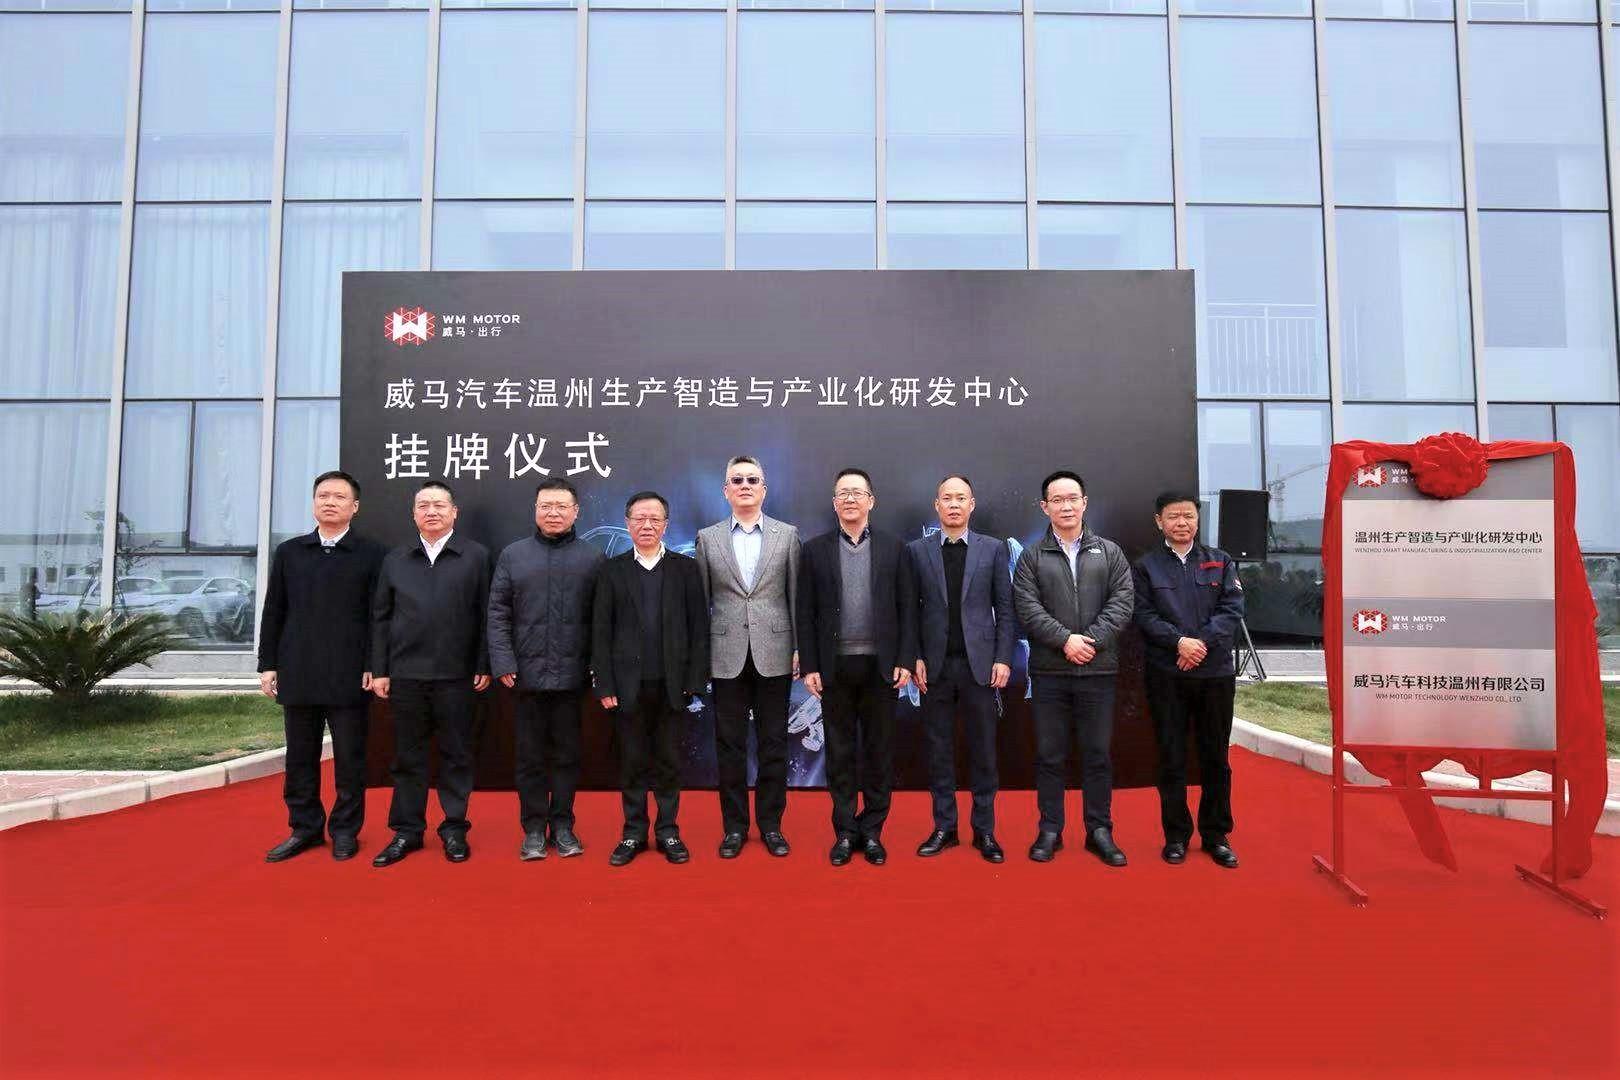 威马汽车温州生产智造与产业化研发中心正式成立 加速技术及智造升级